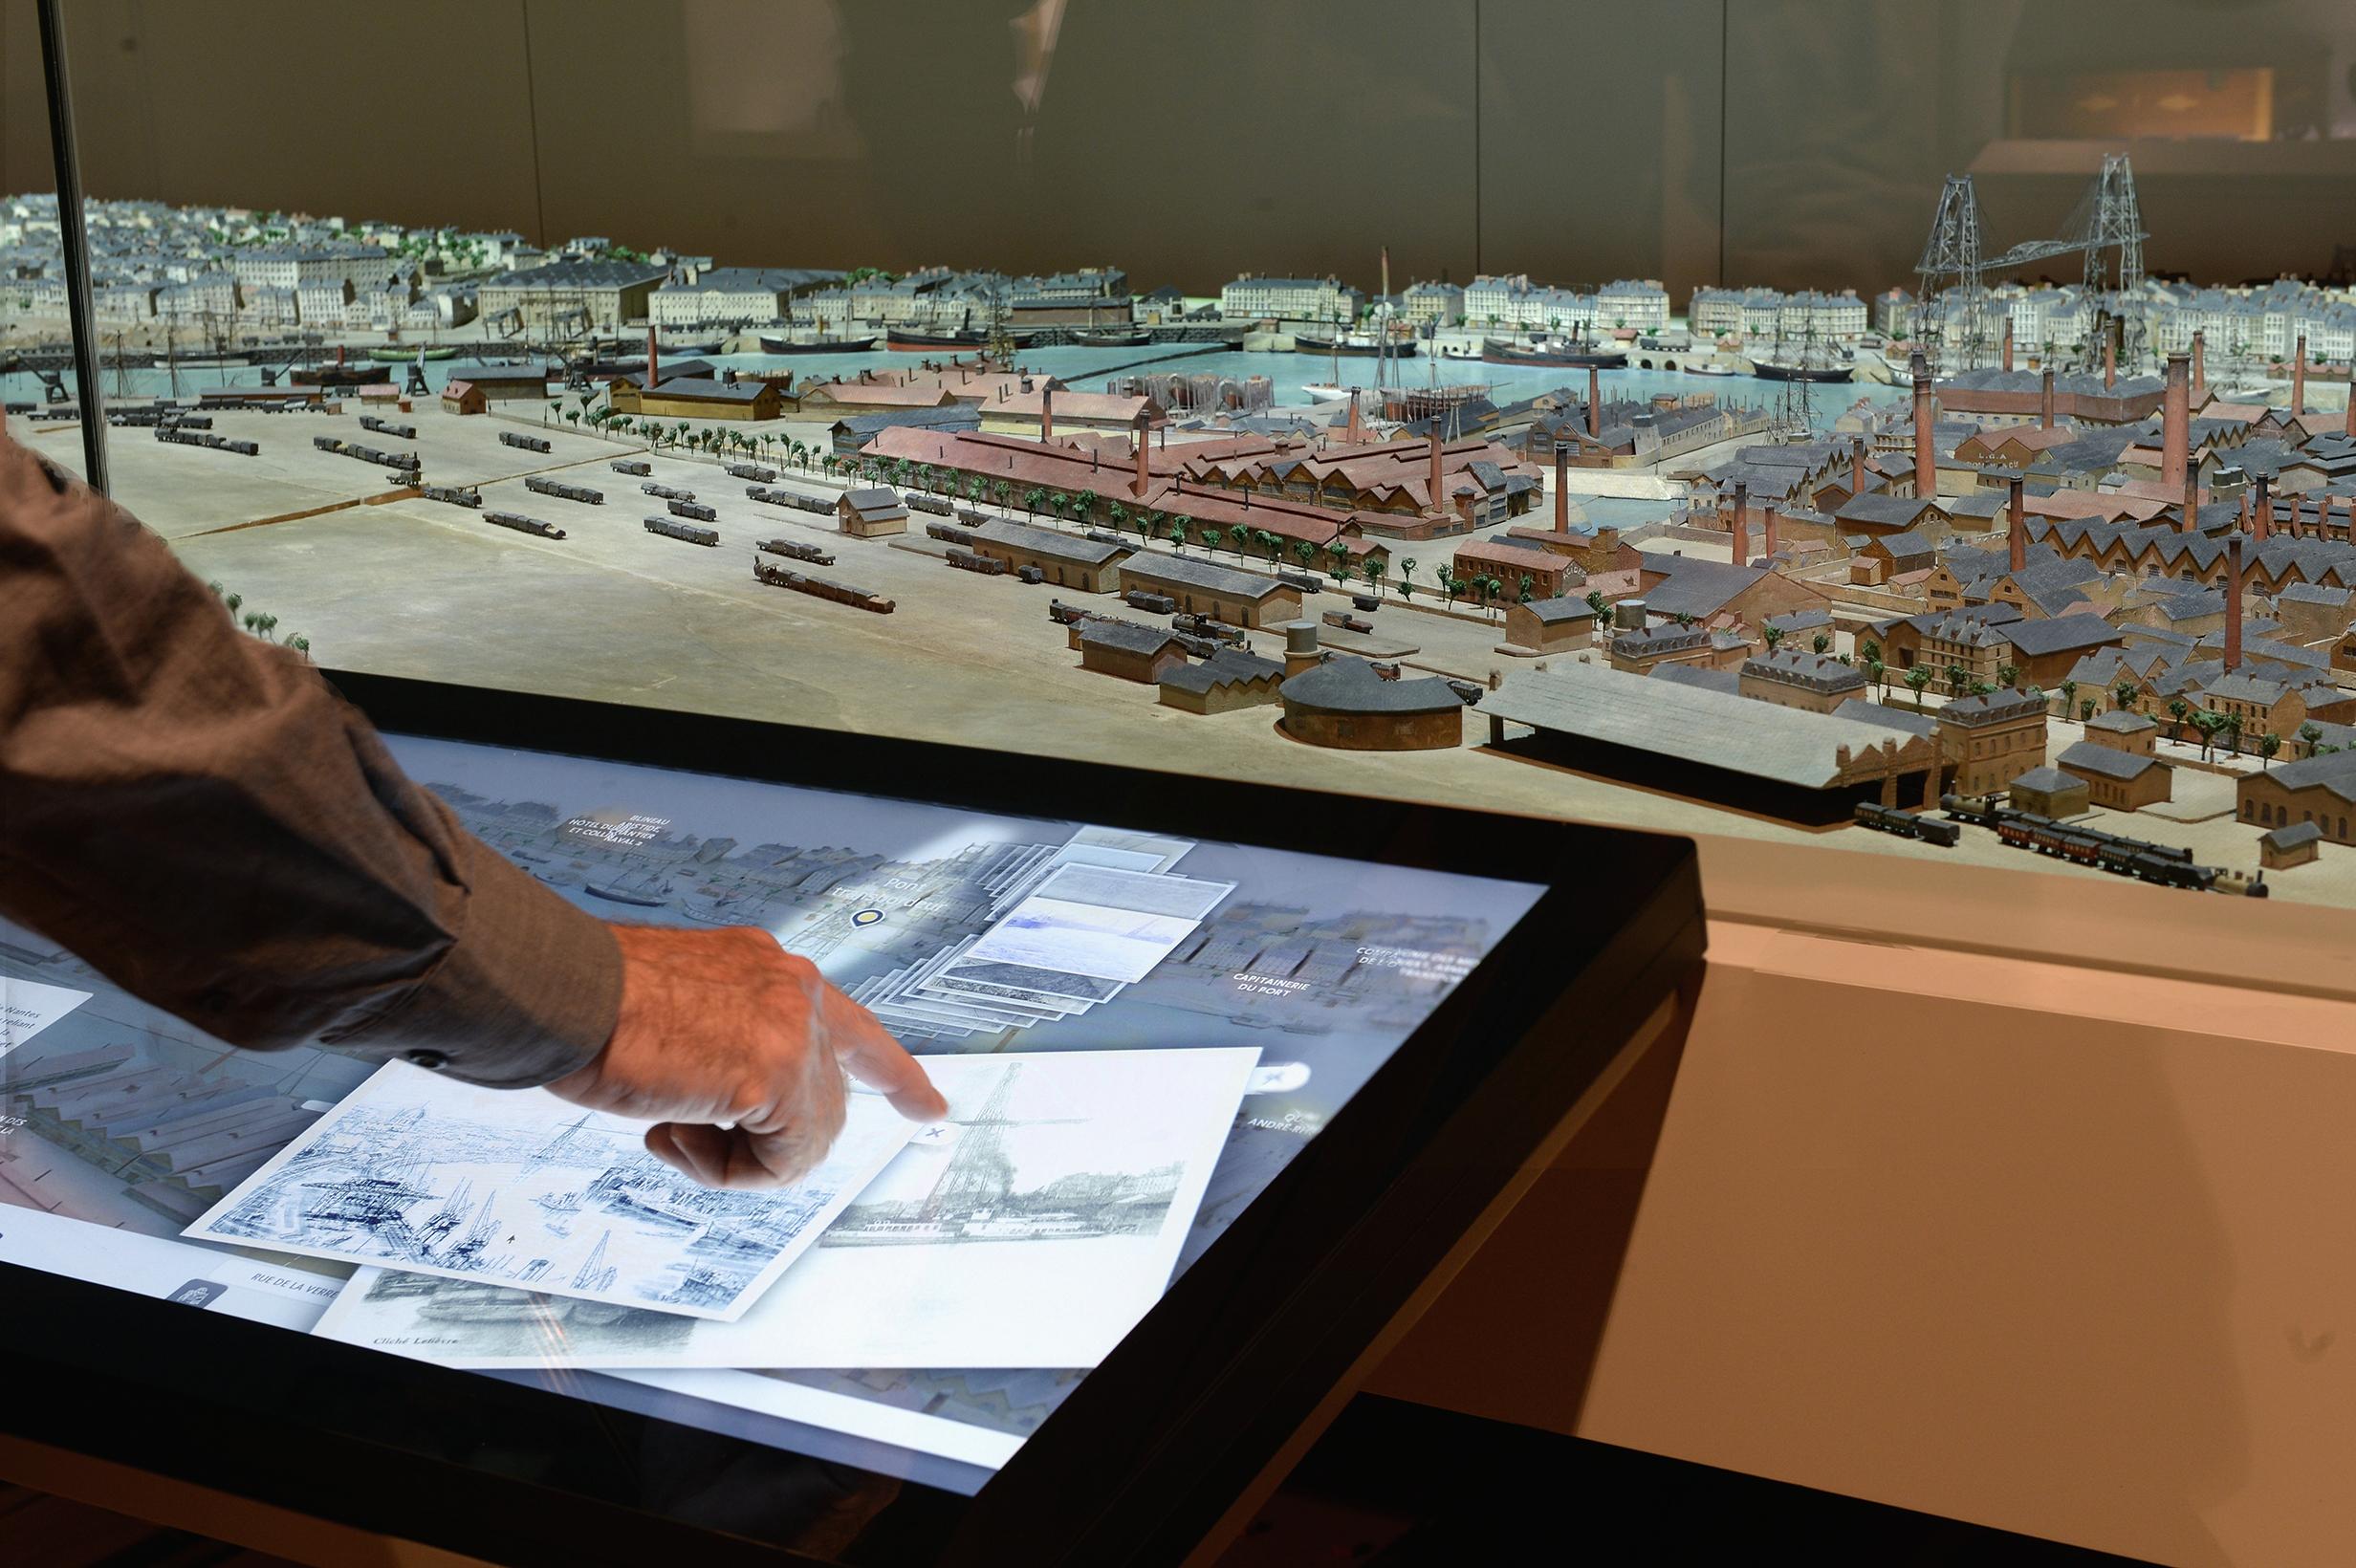 Une maquette valorisée grâce à des écrans « multitouch »